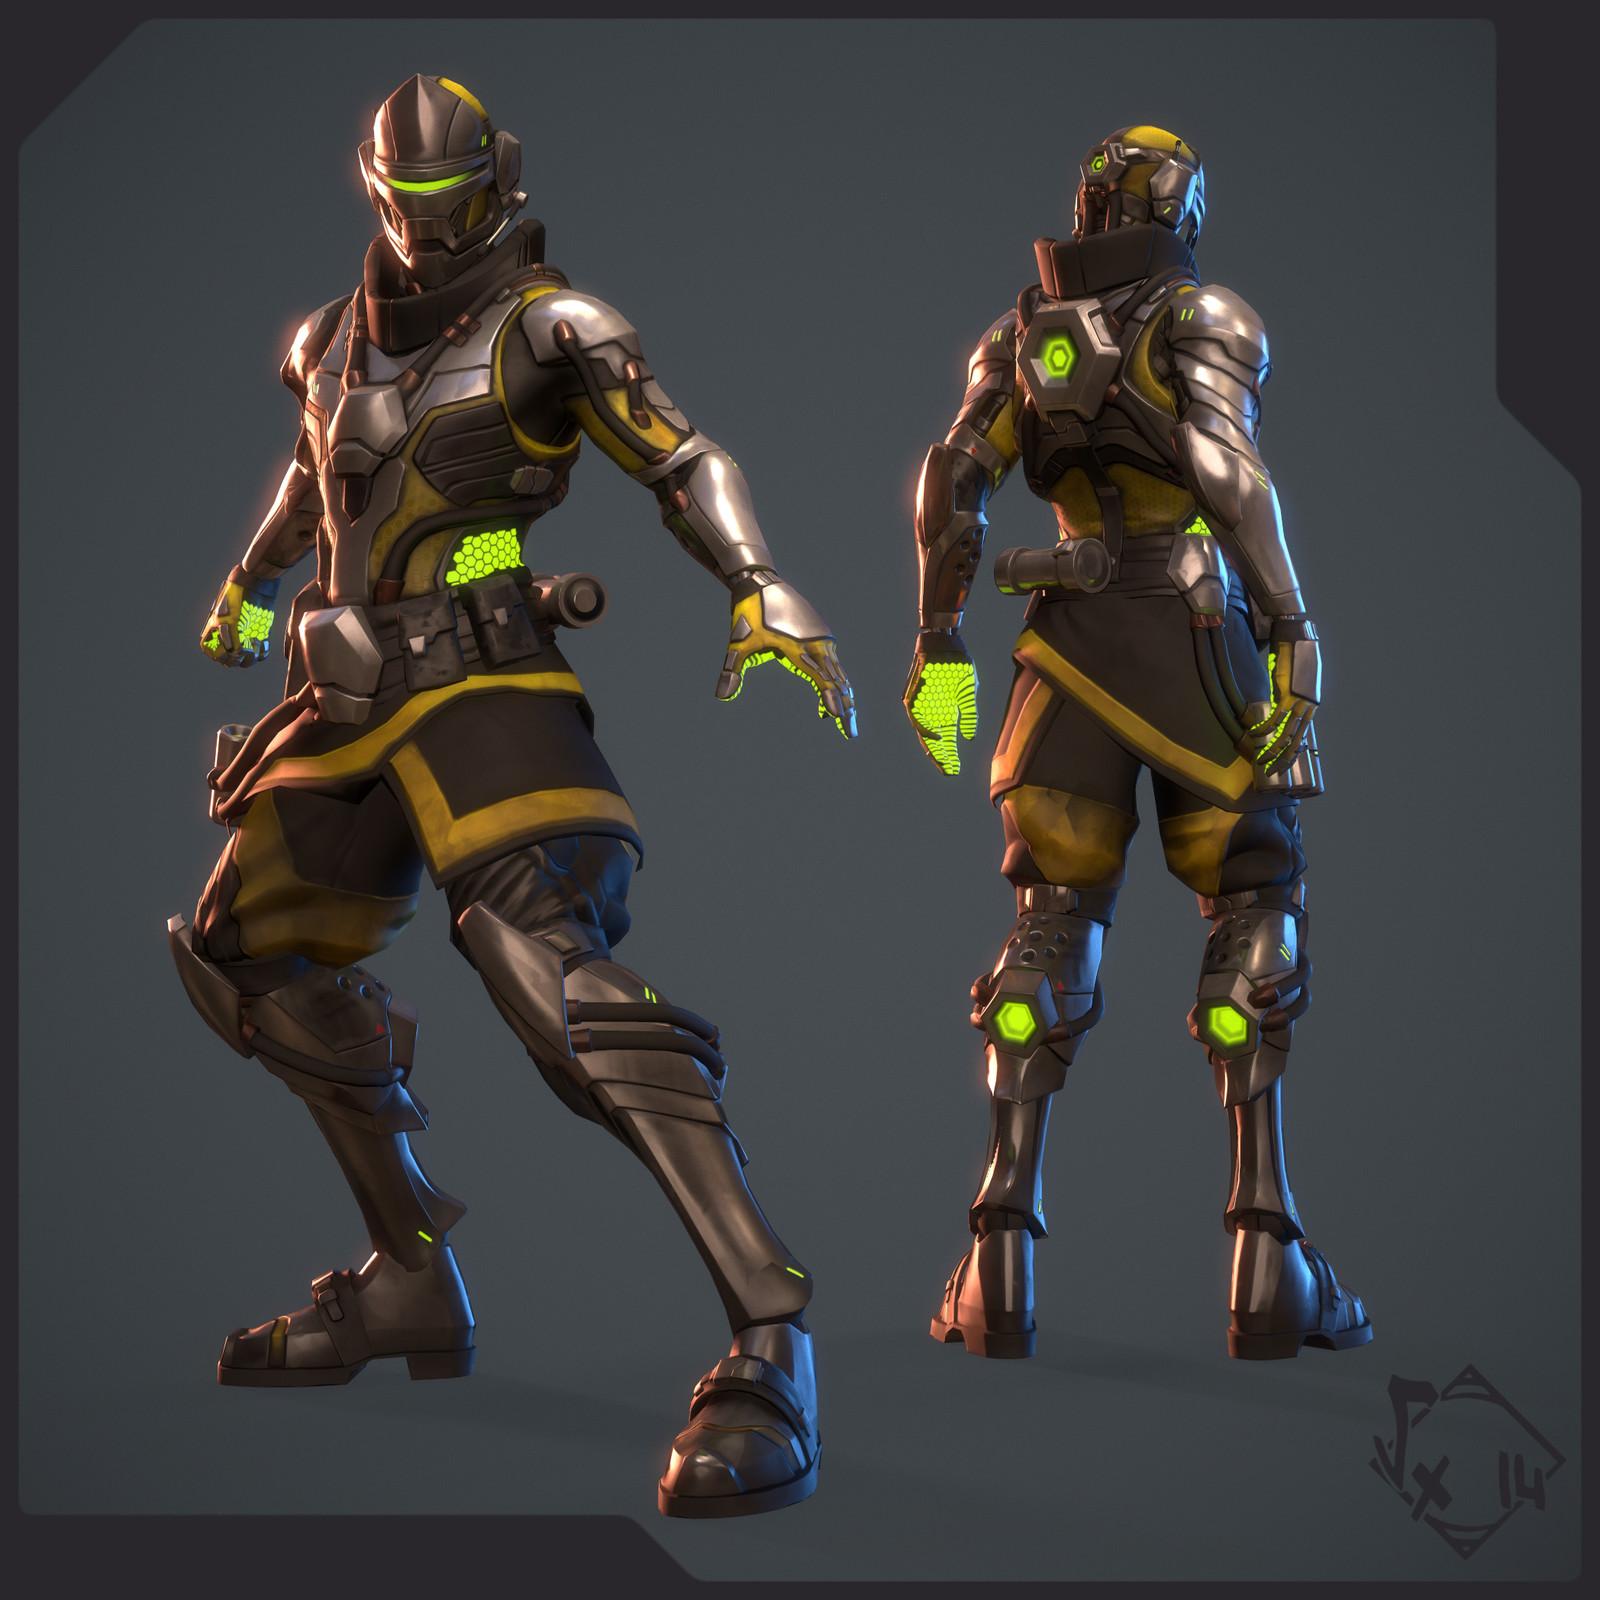 Syblast - Cyborg Skin